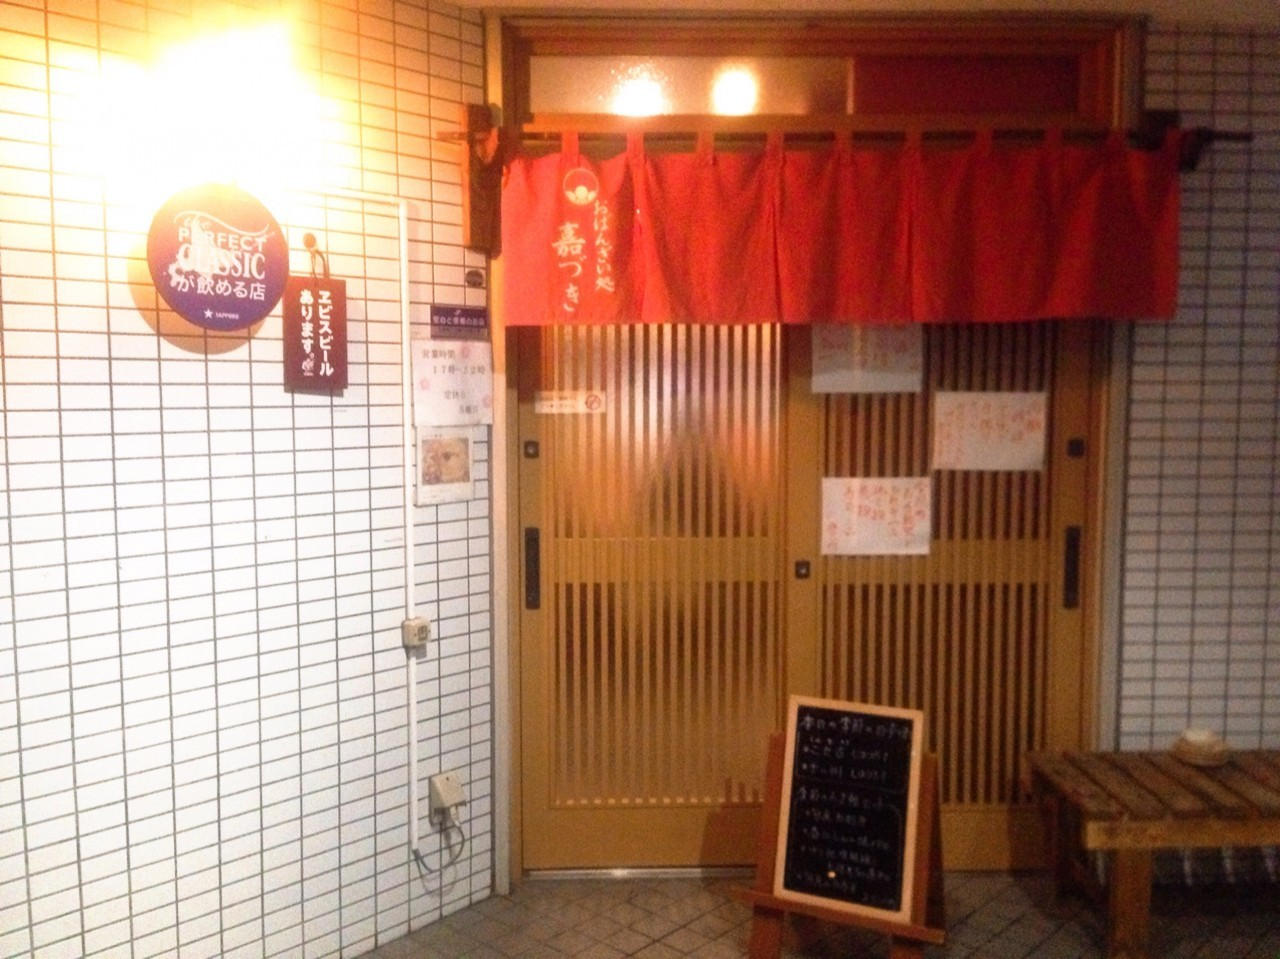 あたたかいおもてなしと本格的な和食 味の嘉づき 東区 札幌